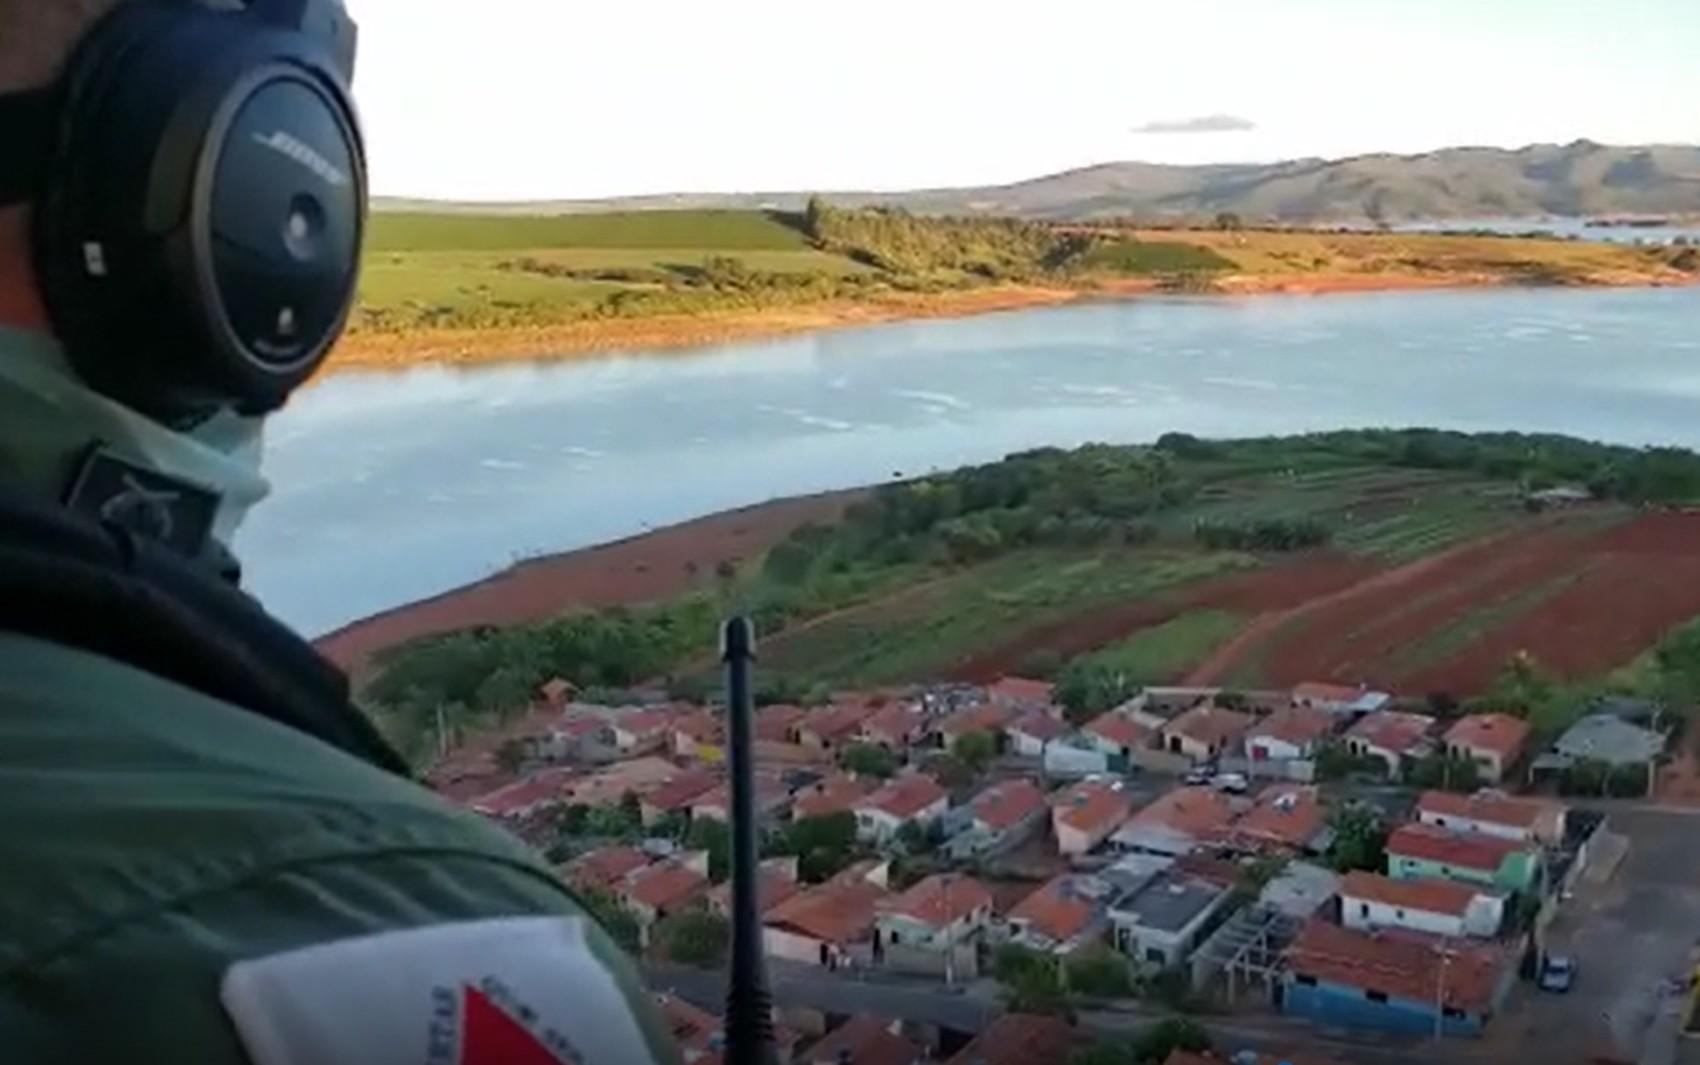 MP realiza operação contra quadrilha especializada em tráfico de drogas no Sul de MG